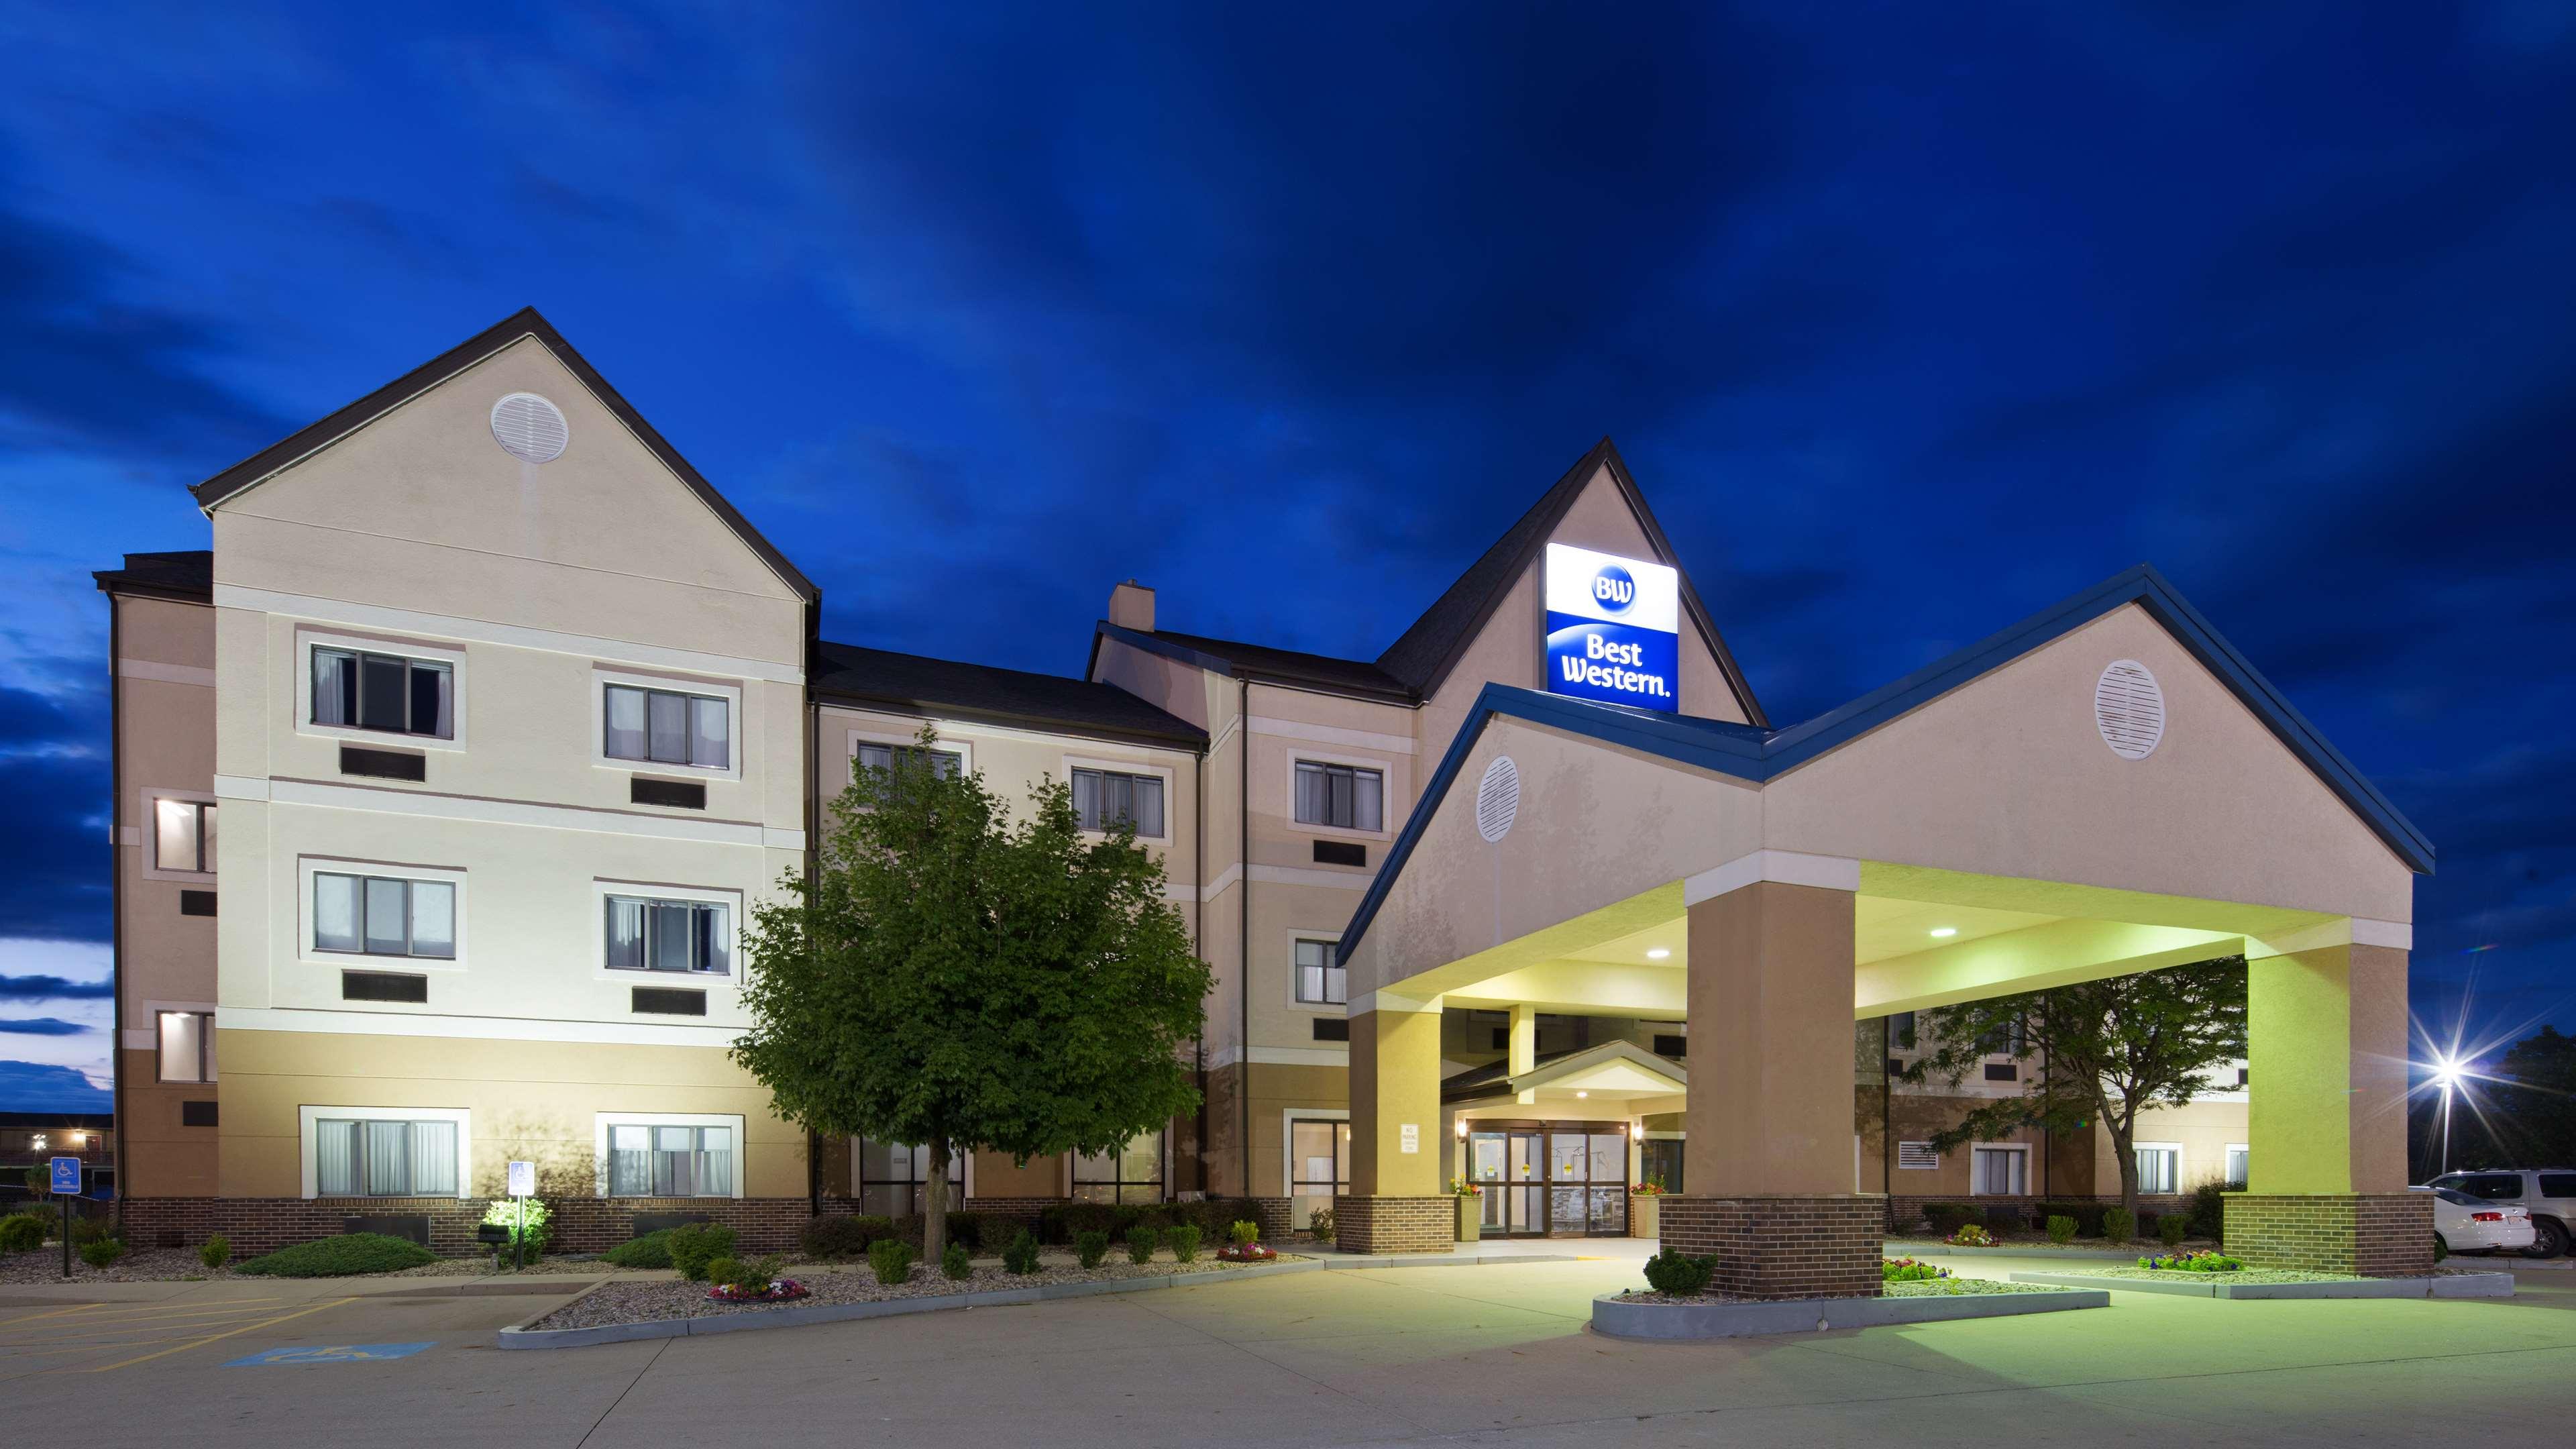 Best western inn suites elkhart indiana in for The garden inn elkhart indiana